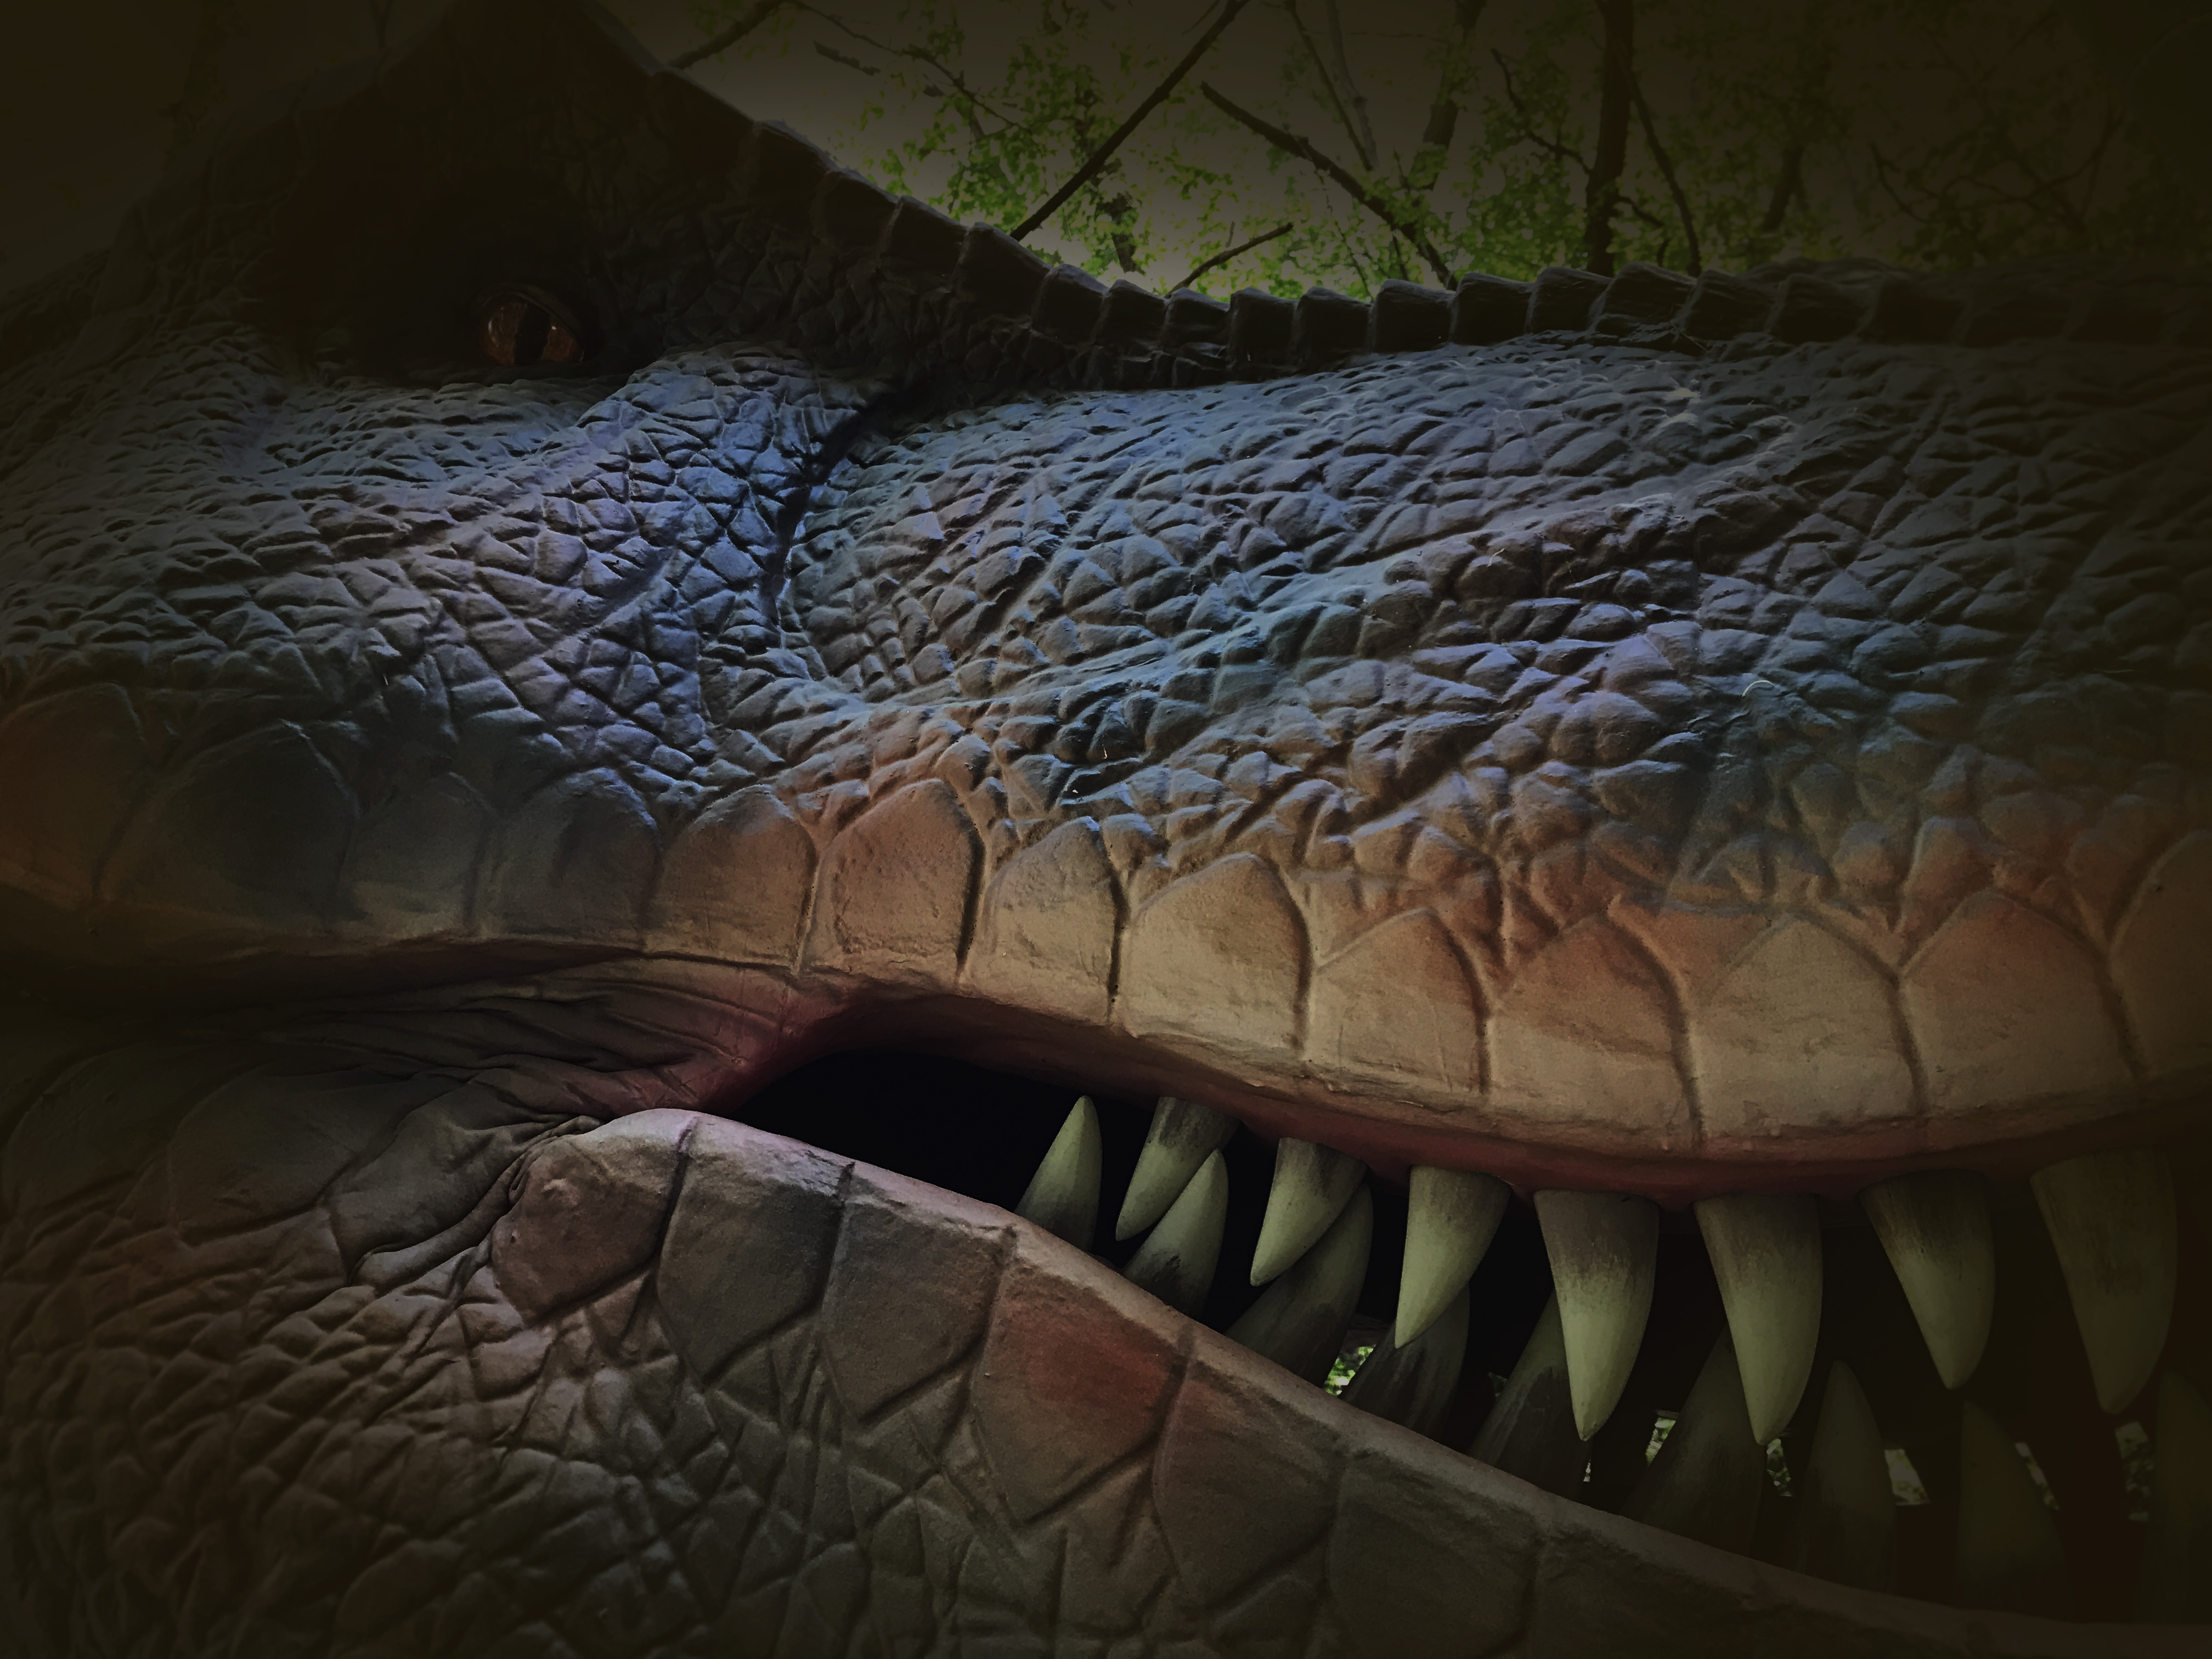 動く・吠える恐竜がみろくの里に出現[ダイナソーパーク]